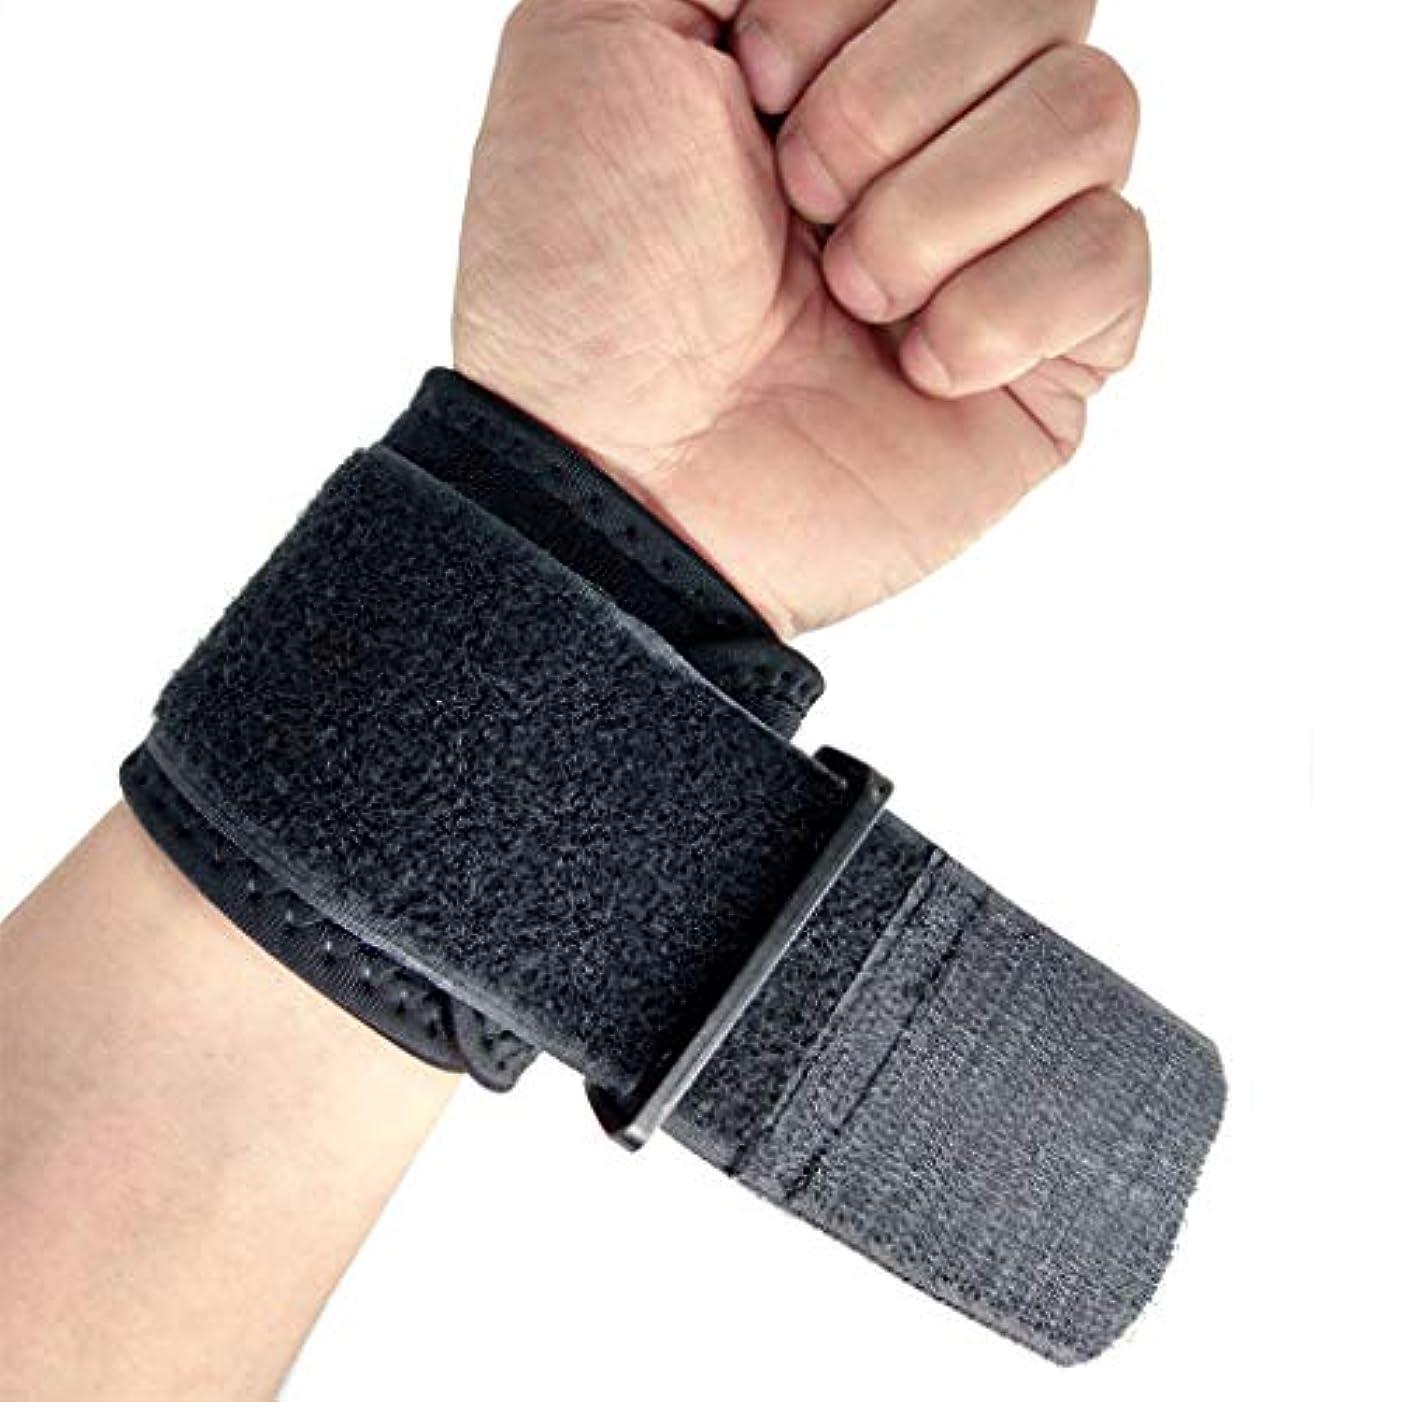 切手談話認知リストストラップの緩衝圧力;ハンドサポート加圧巻線;スポーツ用保護具、保護用暖かさ、マウスの手、母の手に適して